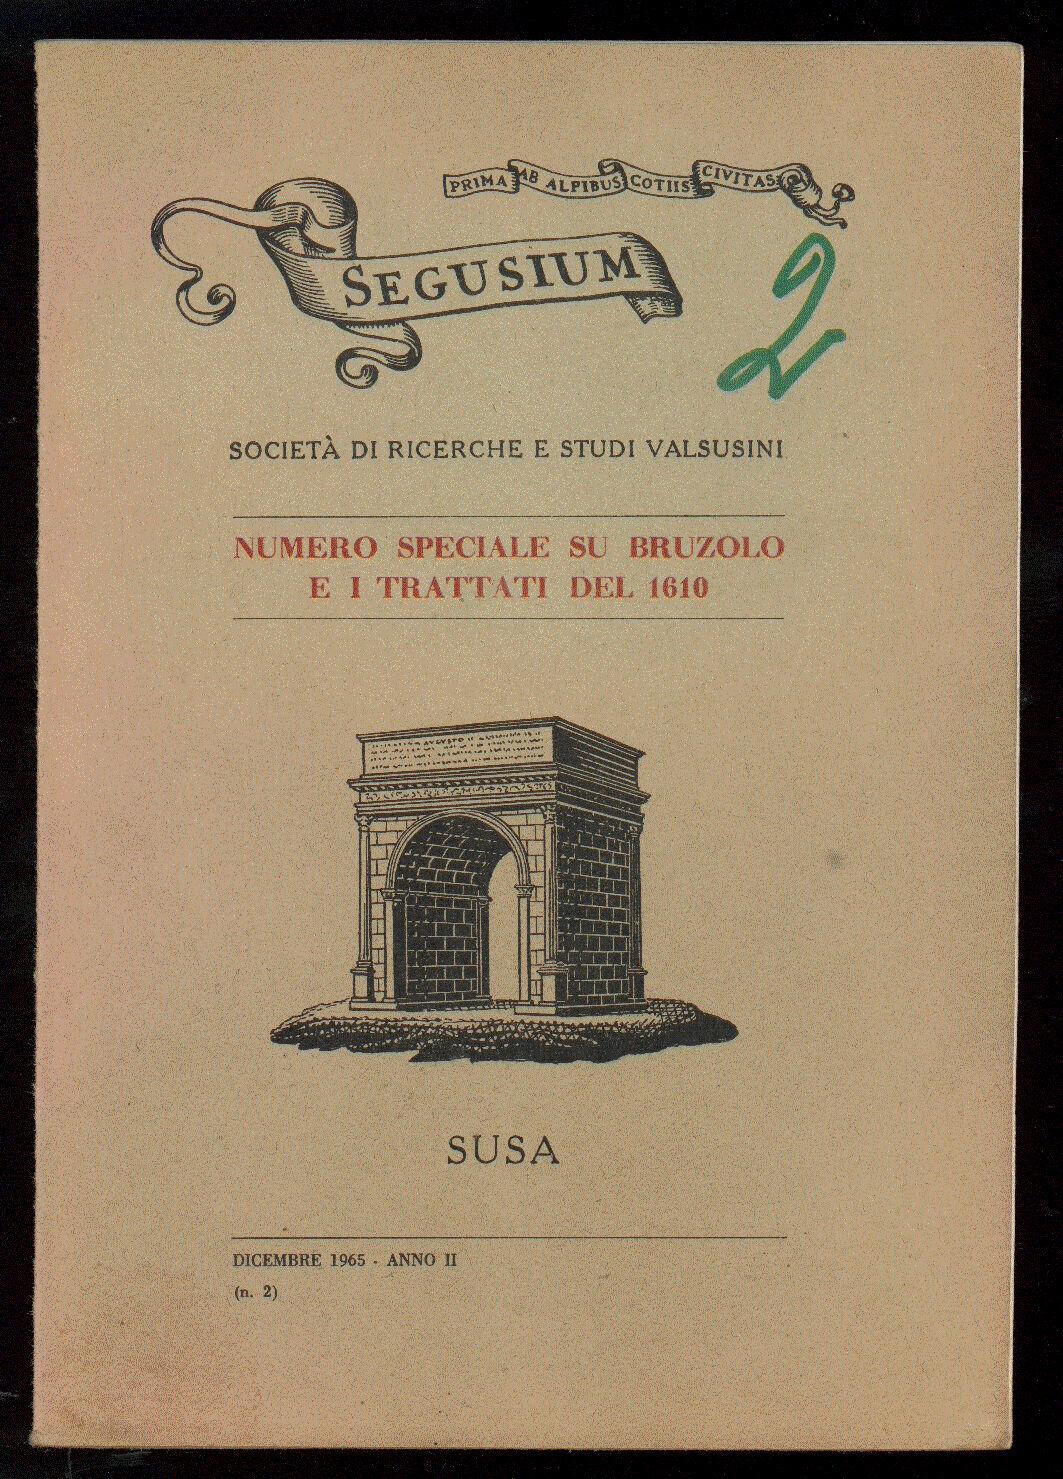 SEGUSIUM NUMERO SPECIALE SU BRUZOLO E I TRATTATI DEL 1610 DICEMBRE 1965 SUSA